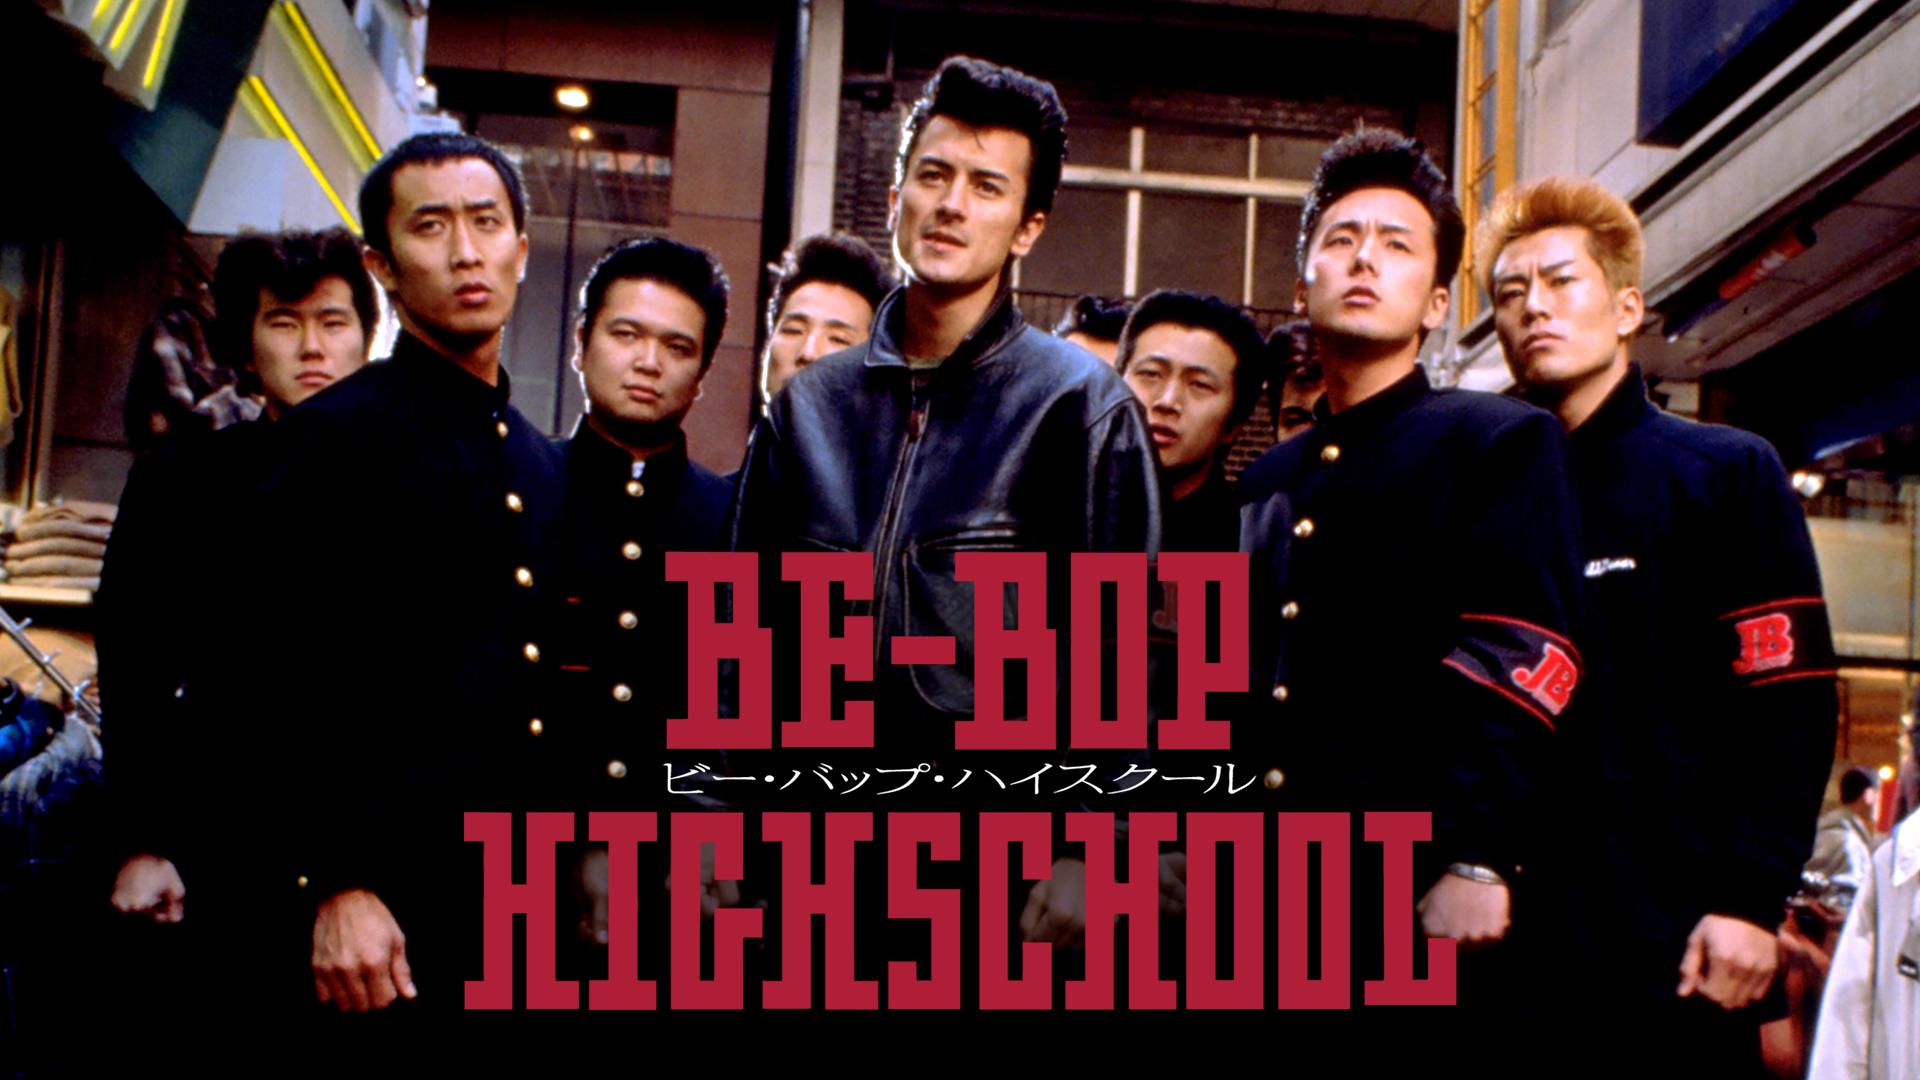 BE-BOP-HIGH SCHOOL ビー・バップ・ハイスクール動画フル